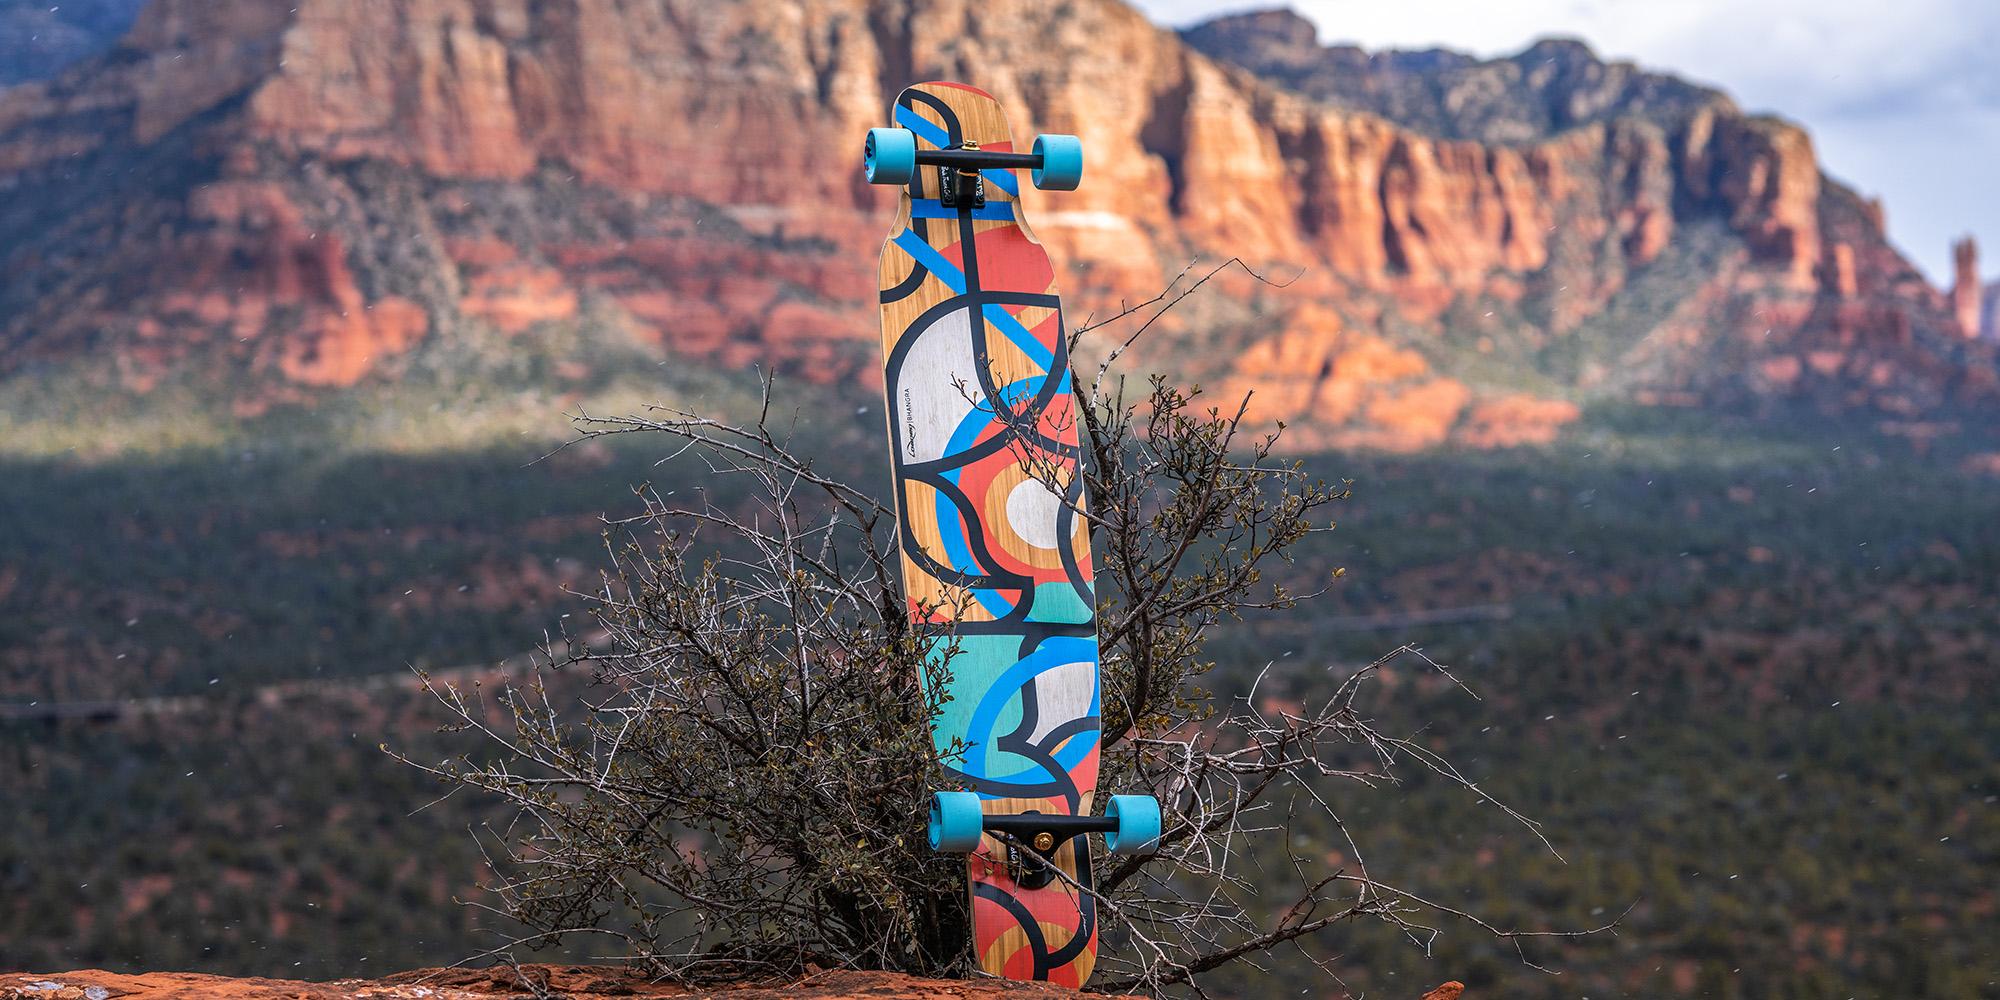 Longboard in desert